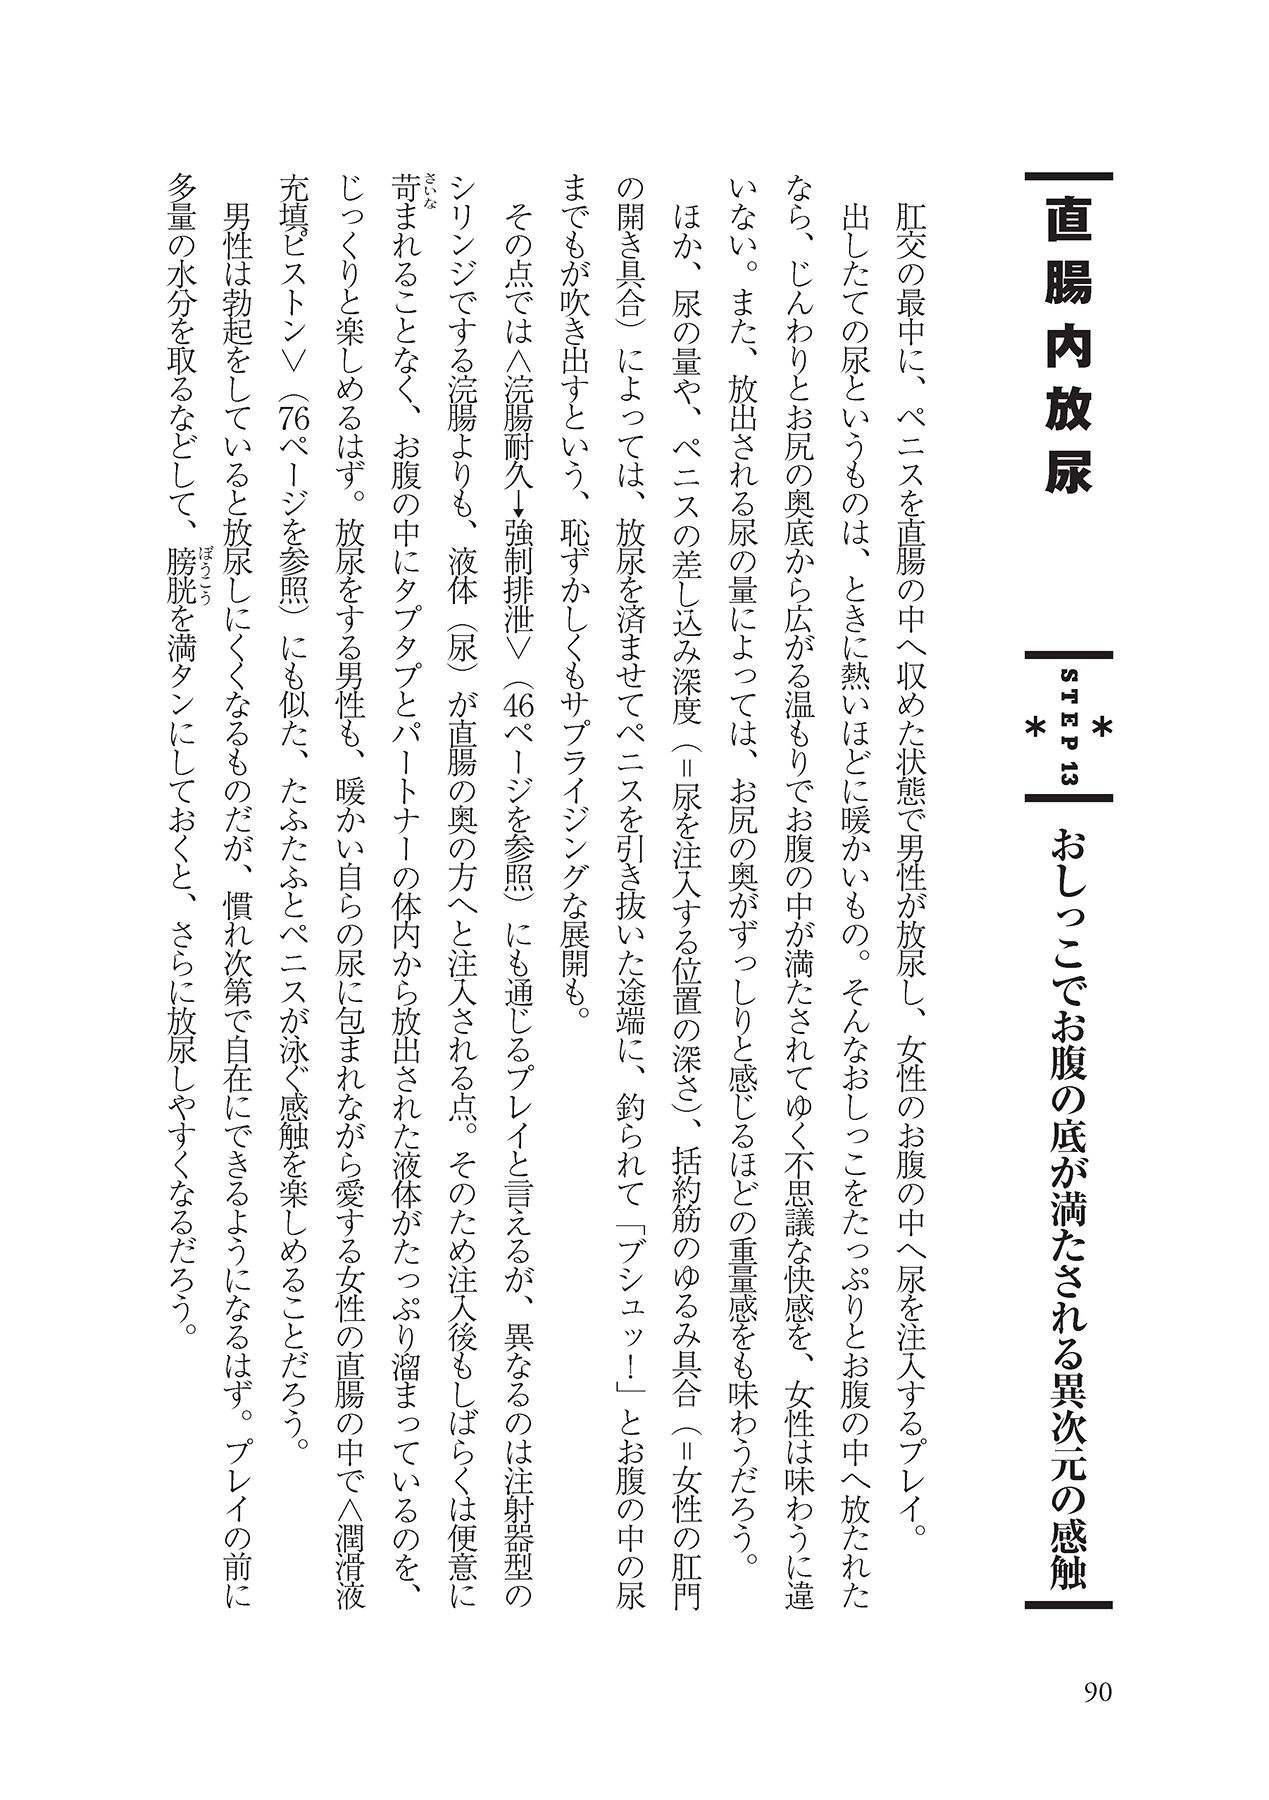 アナル性感開発・お尻エッチ 完全マニュアル 91